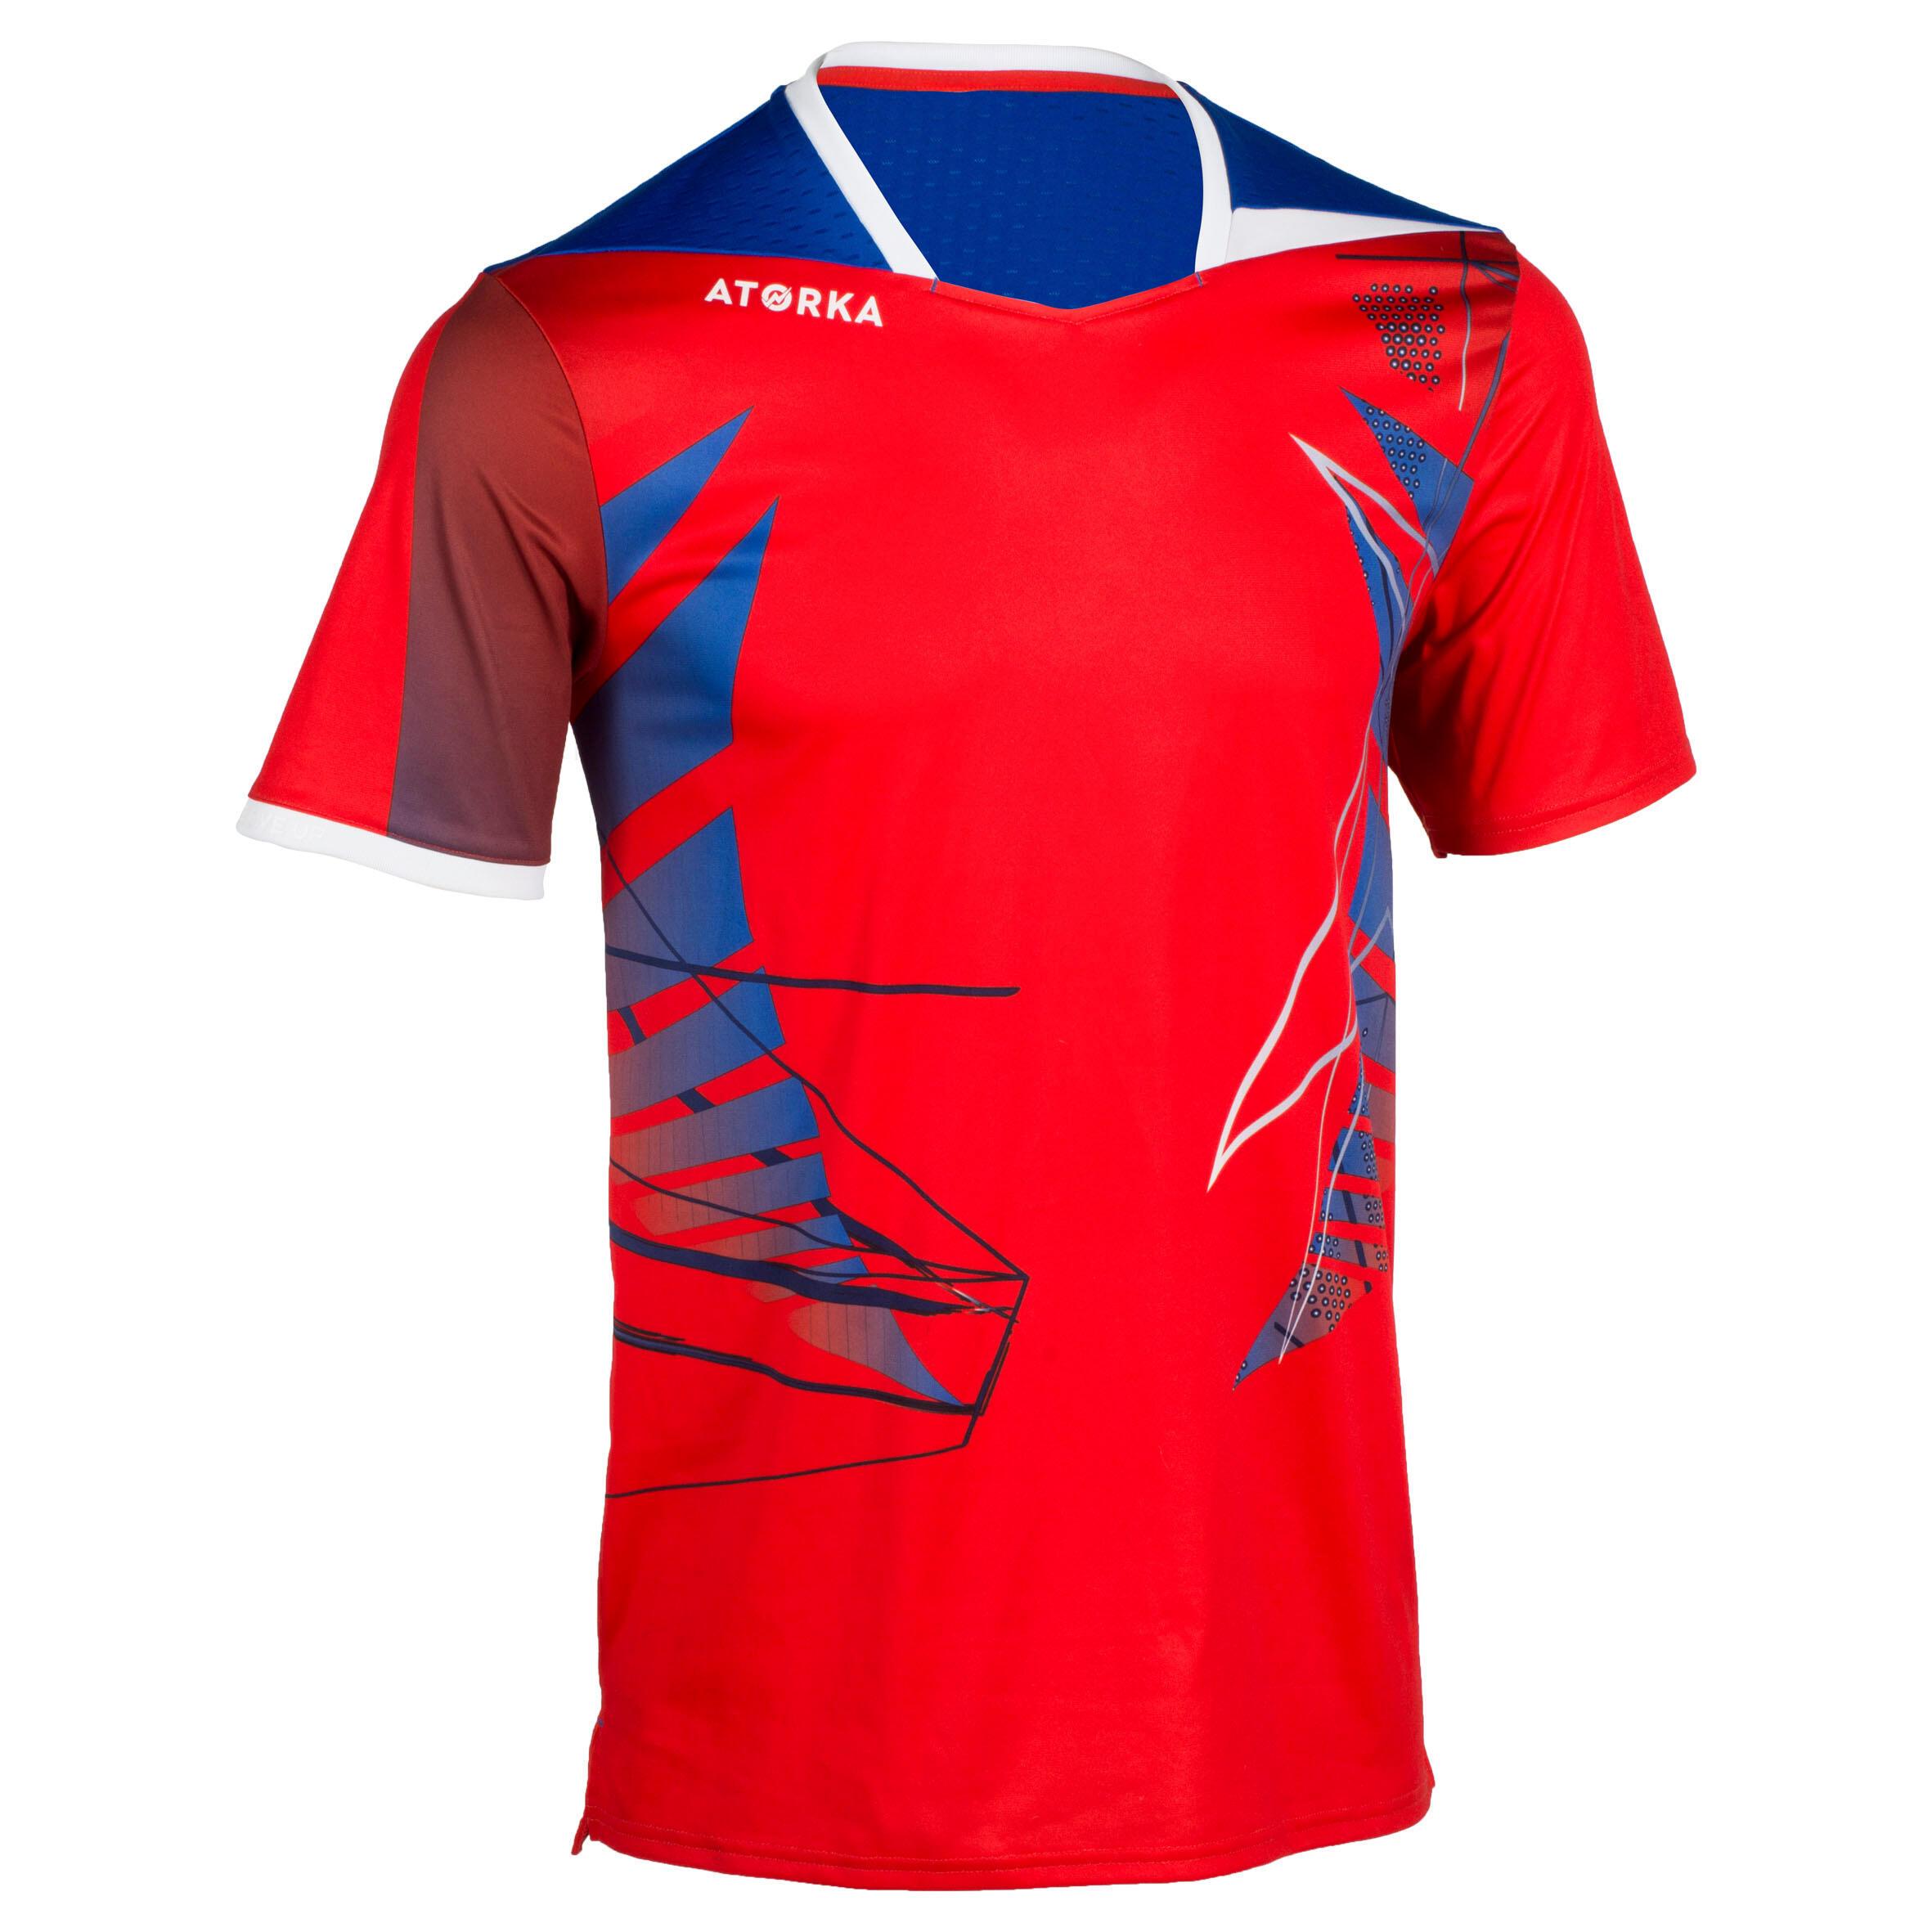 Handballtrikot H500 Herren rot | Sportbekleidung > Trikots > Handballtrikots | Rot | Atorka